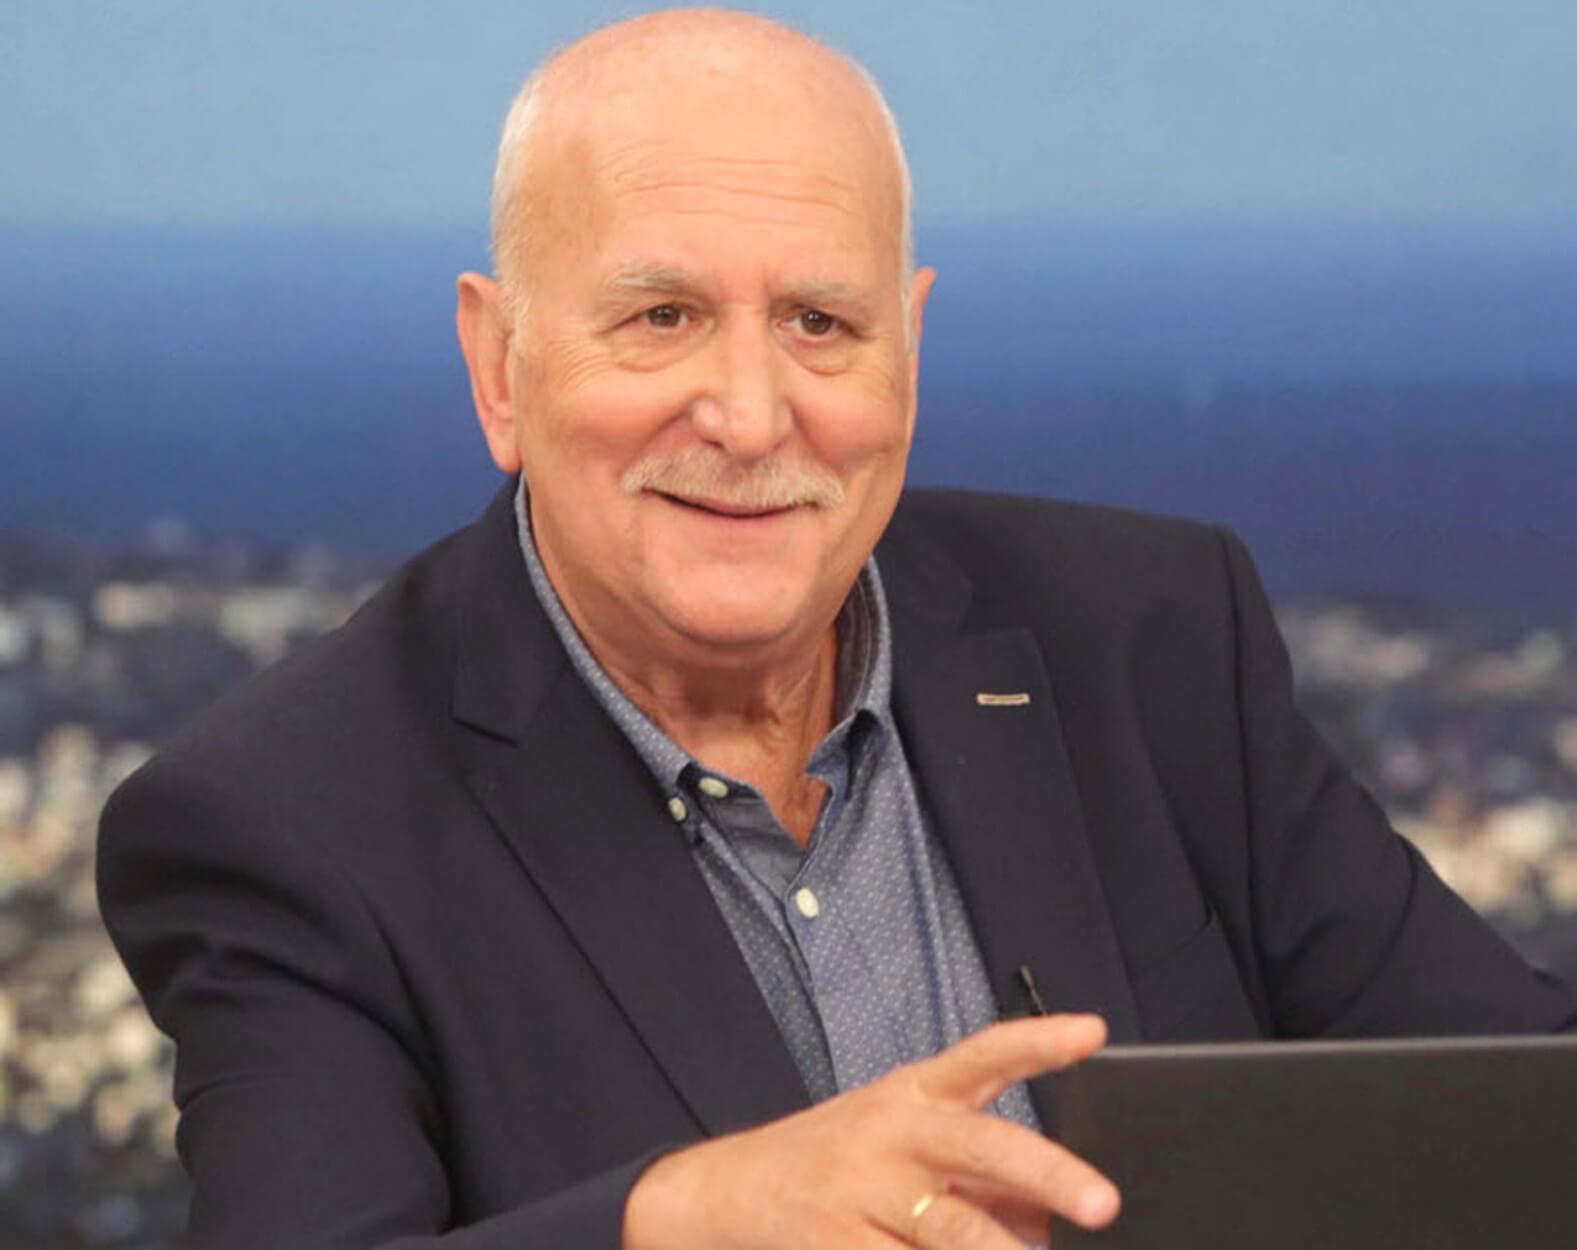 Γιώργος Παπαδάκης… με τη βούλα – Η επίσημη ανακοίνωση του ΑΝΤ1 | Newsit.gr